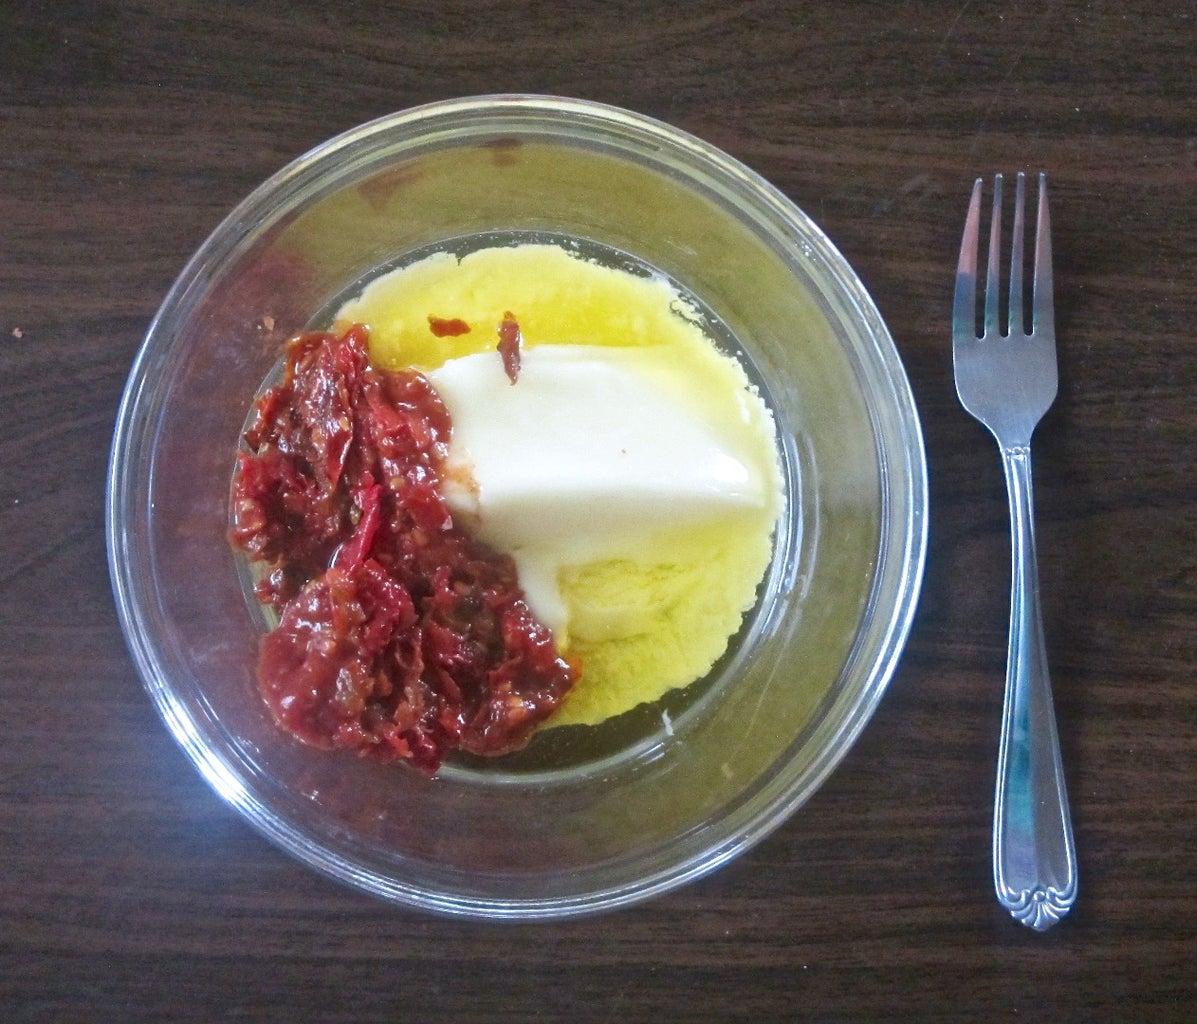 Blending Butter